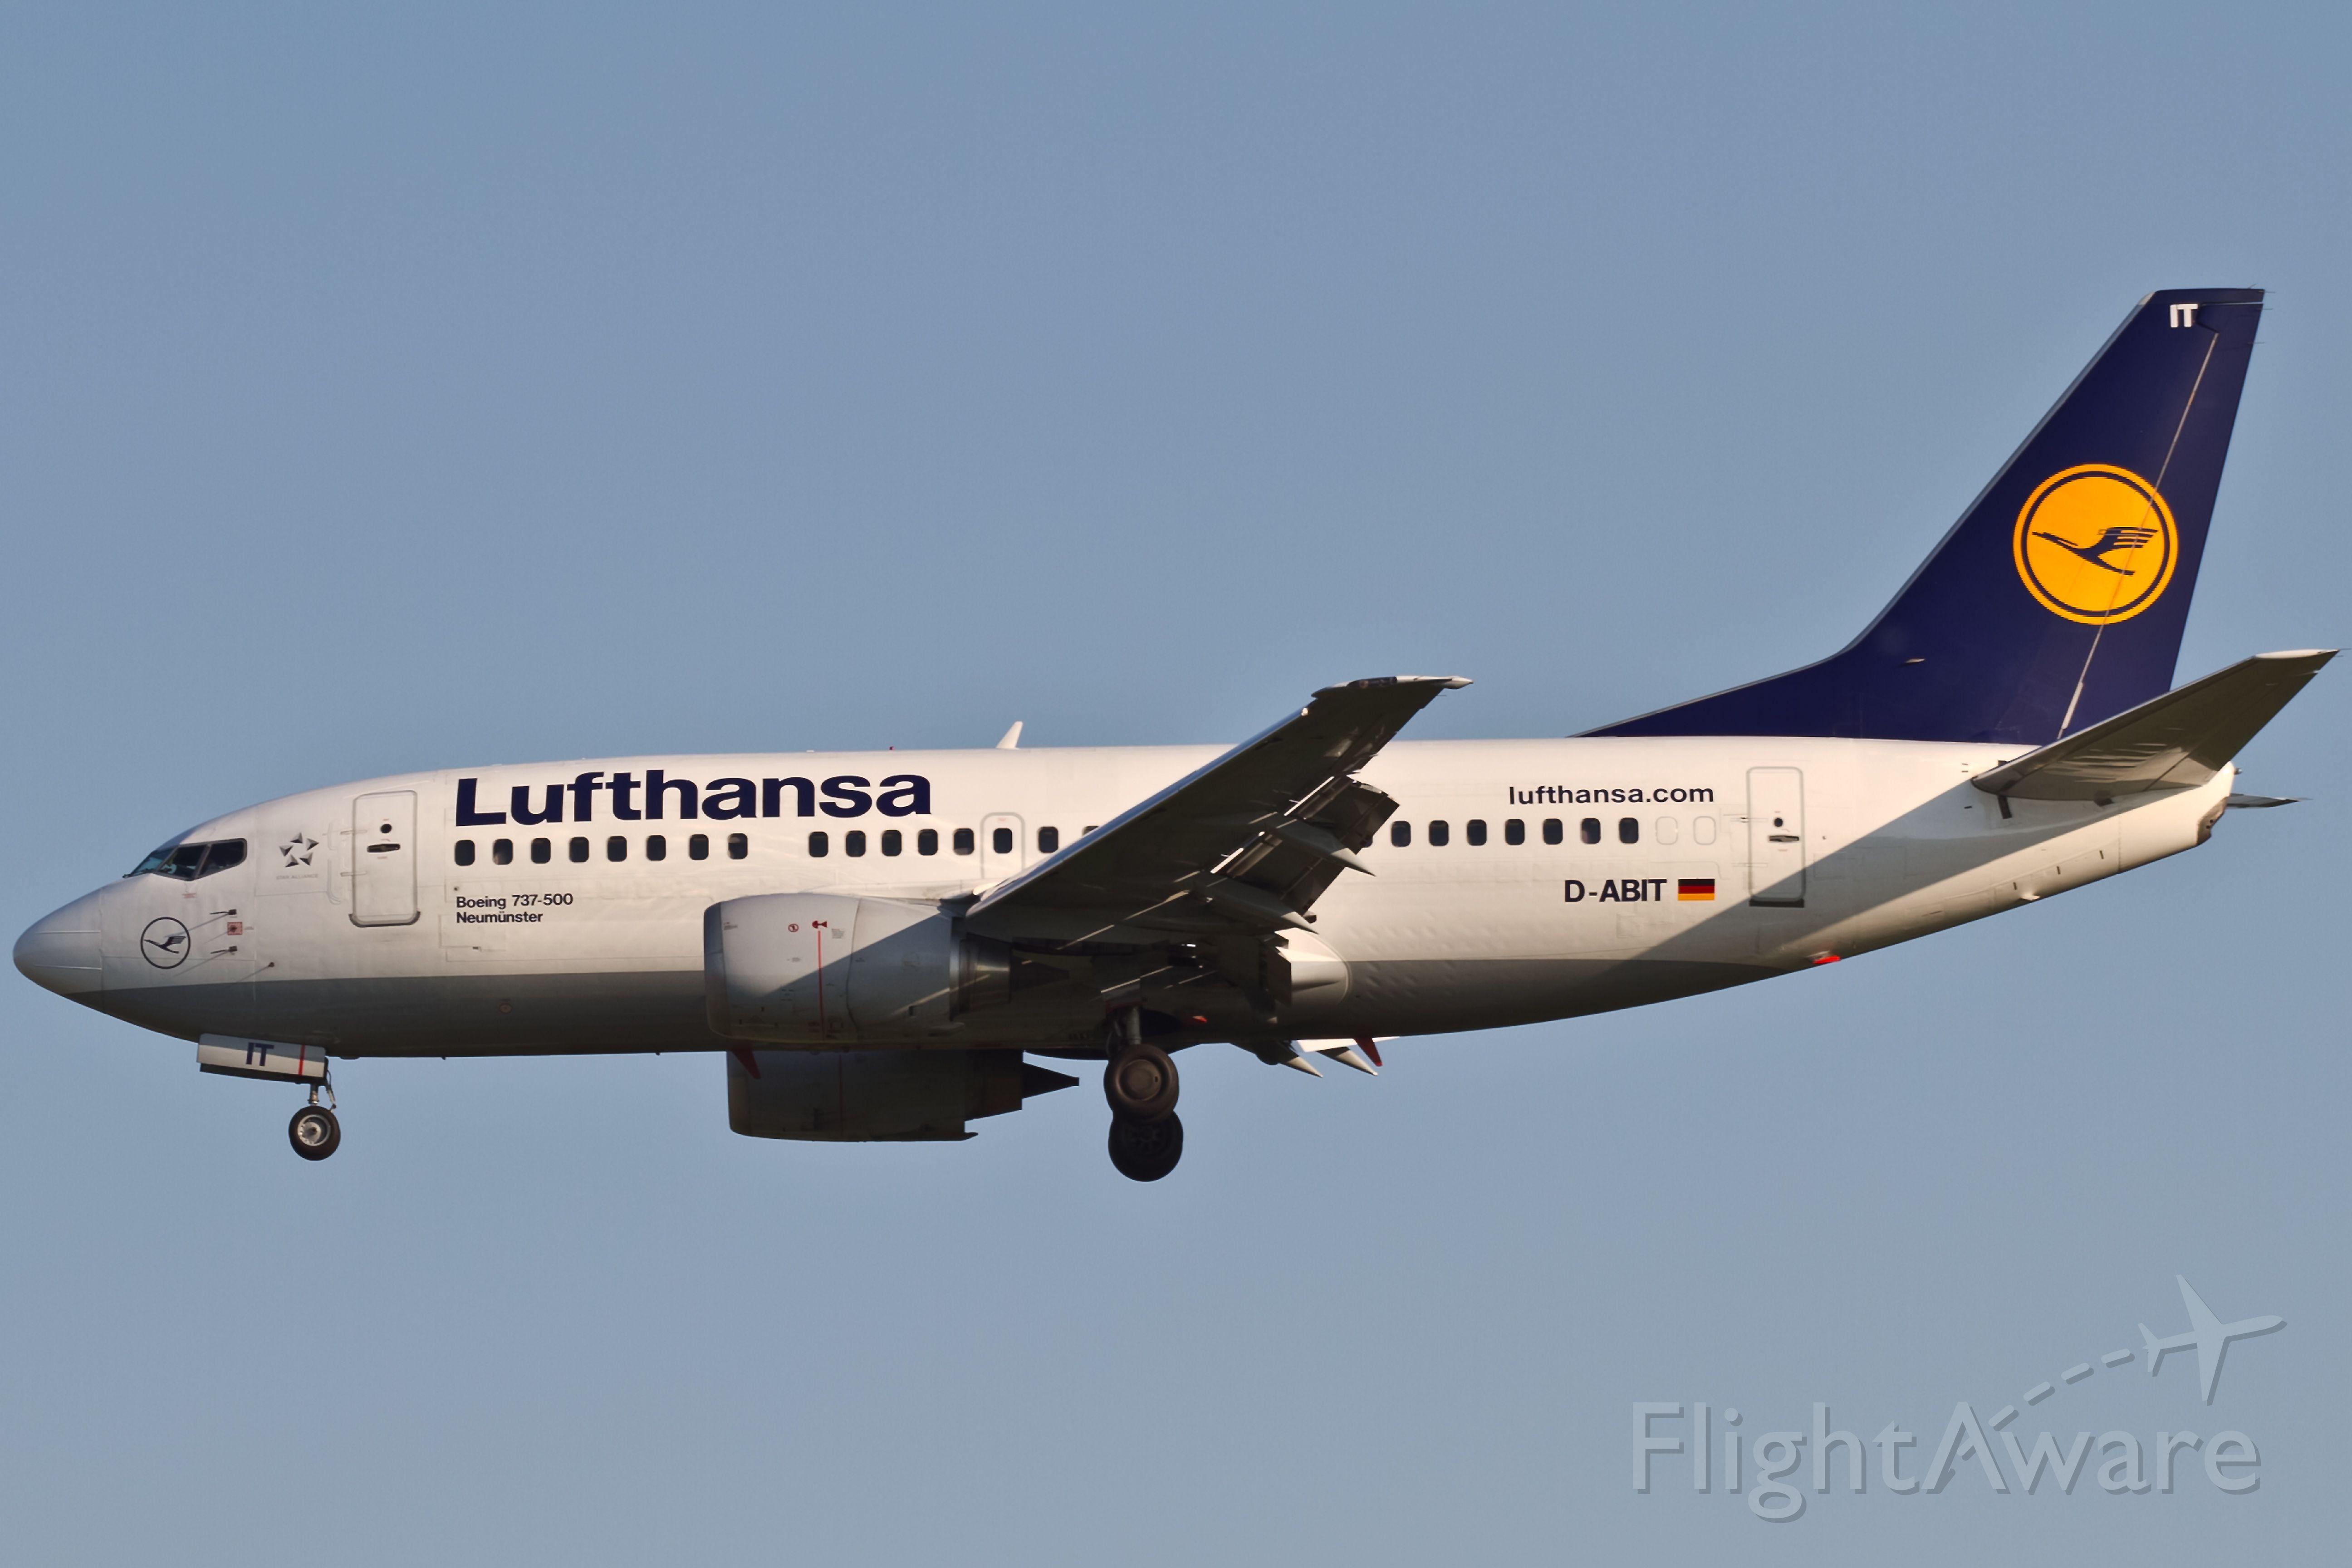 BOEING 757-300 (D-ABIT)